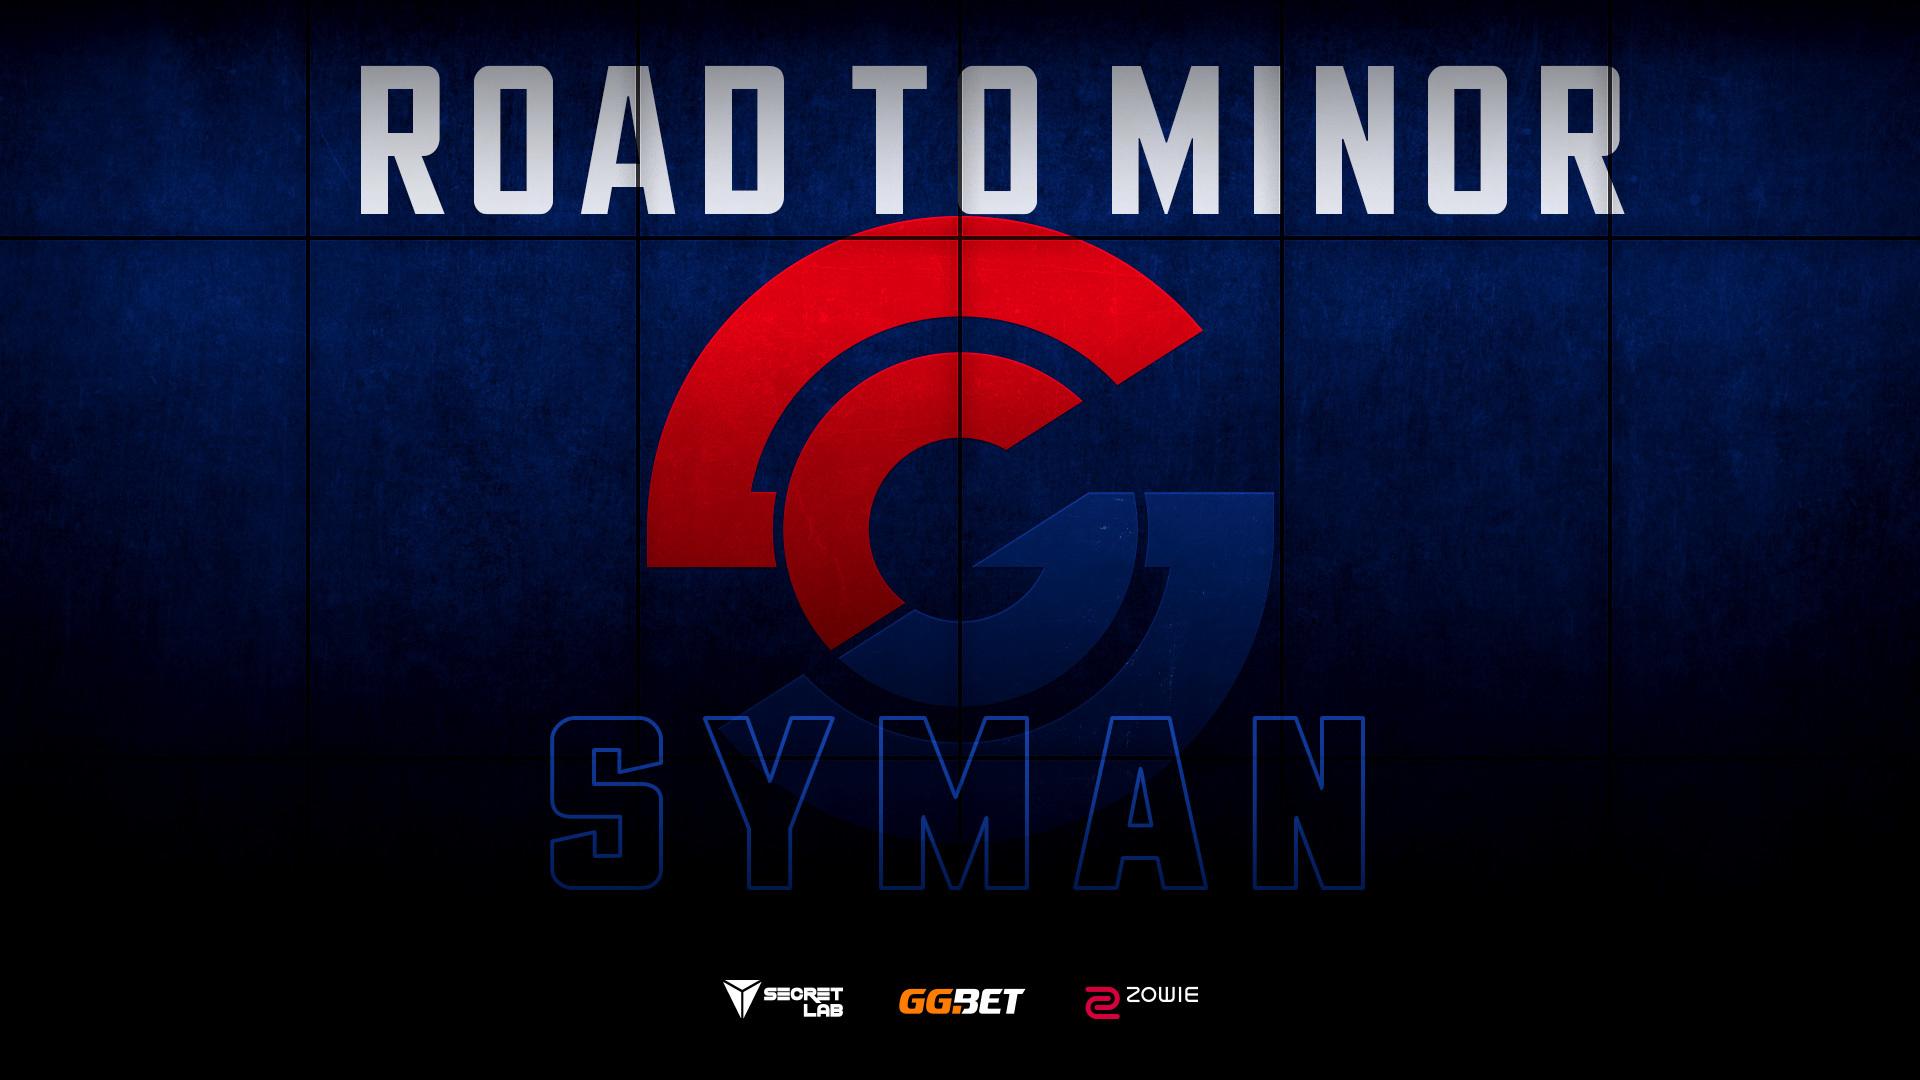 Road to #BerlinMinor2019: Syman Gaming